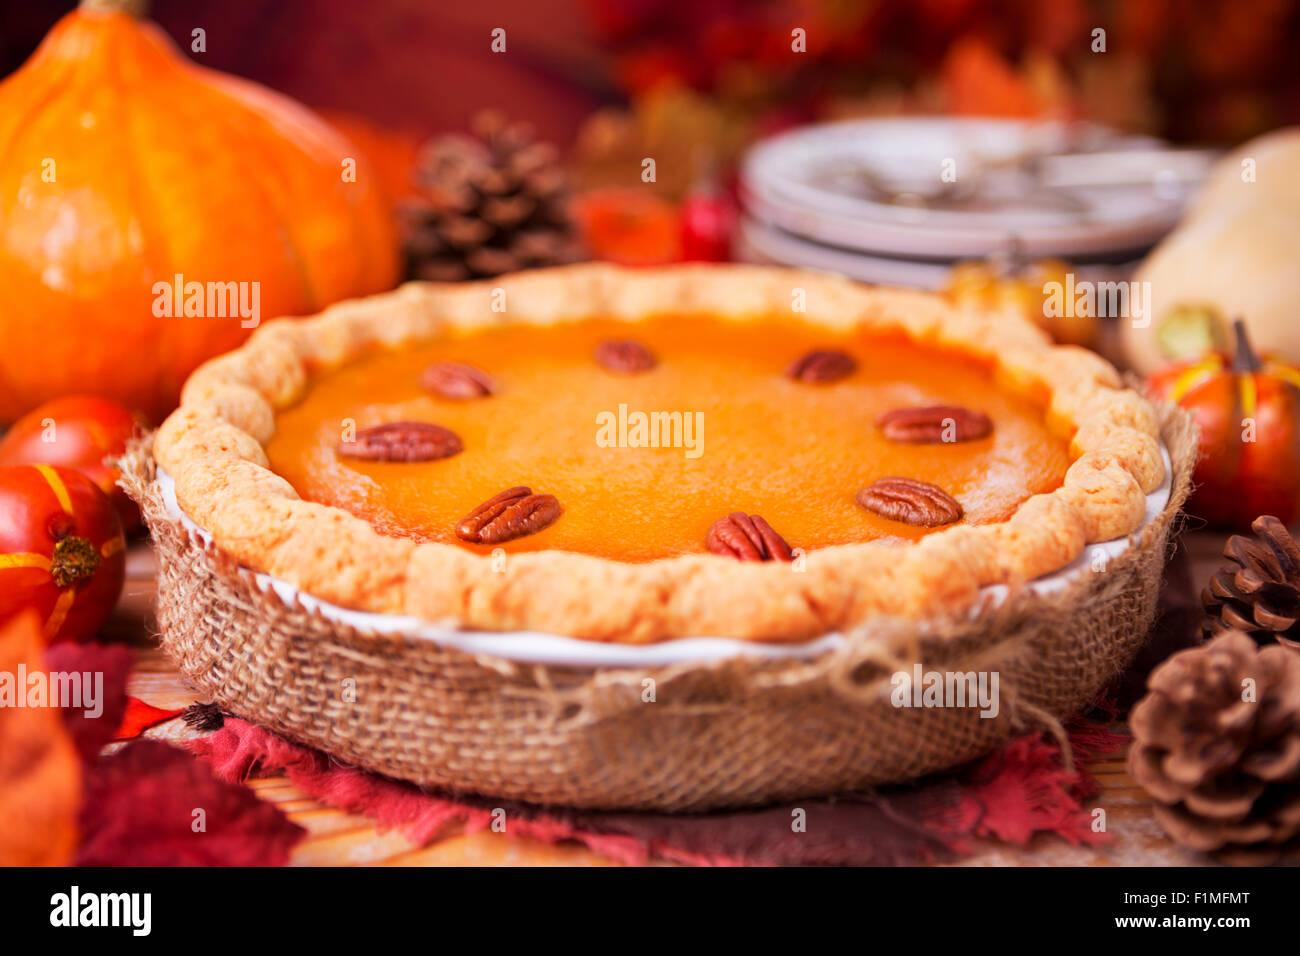 Una deliziosa casa torta di zucca su un tavolo rustico con decorazioni d'autunno. Immagini Stock